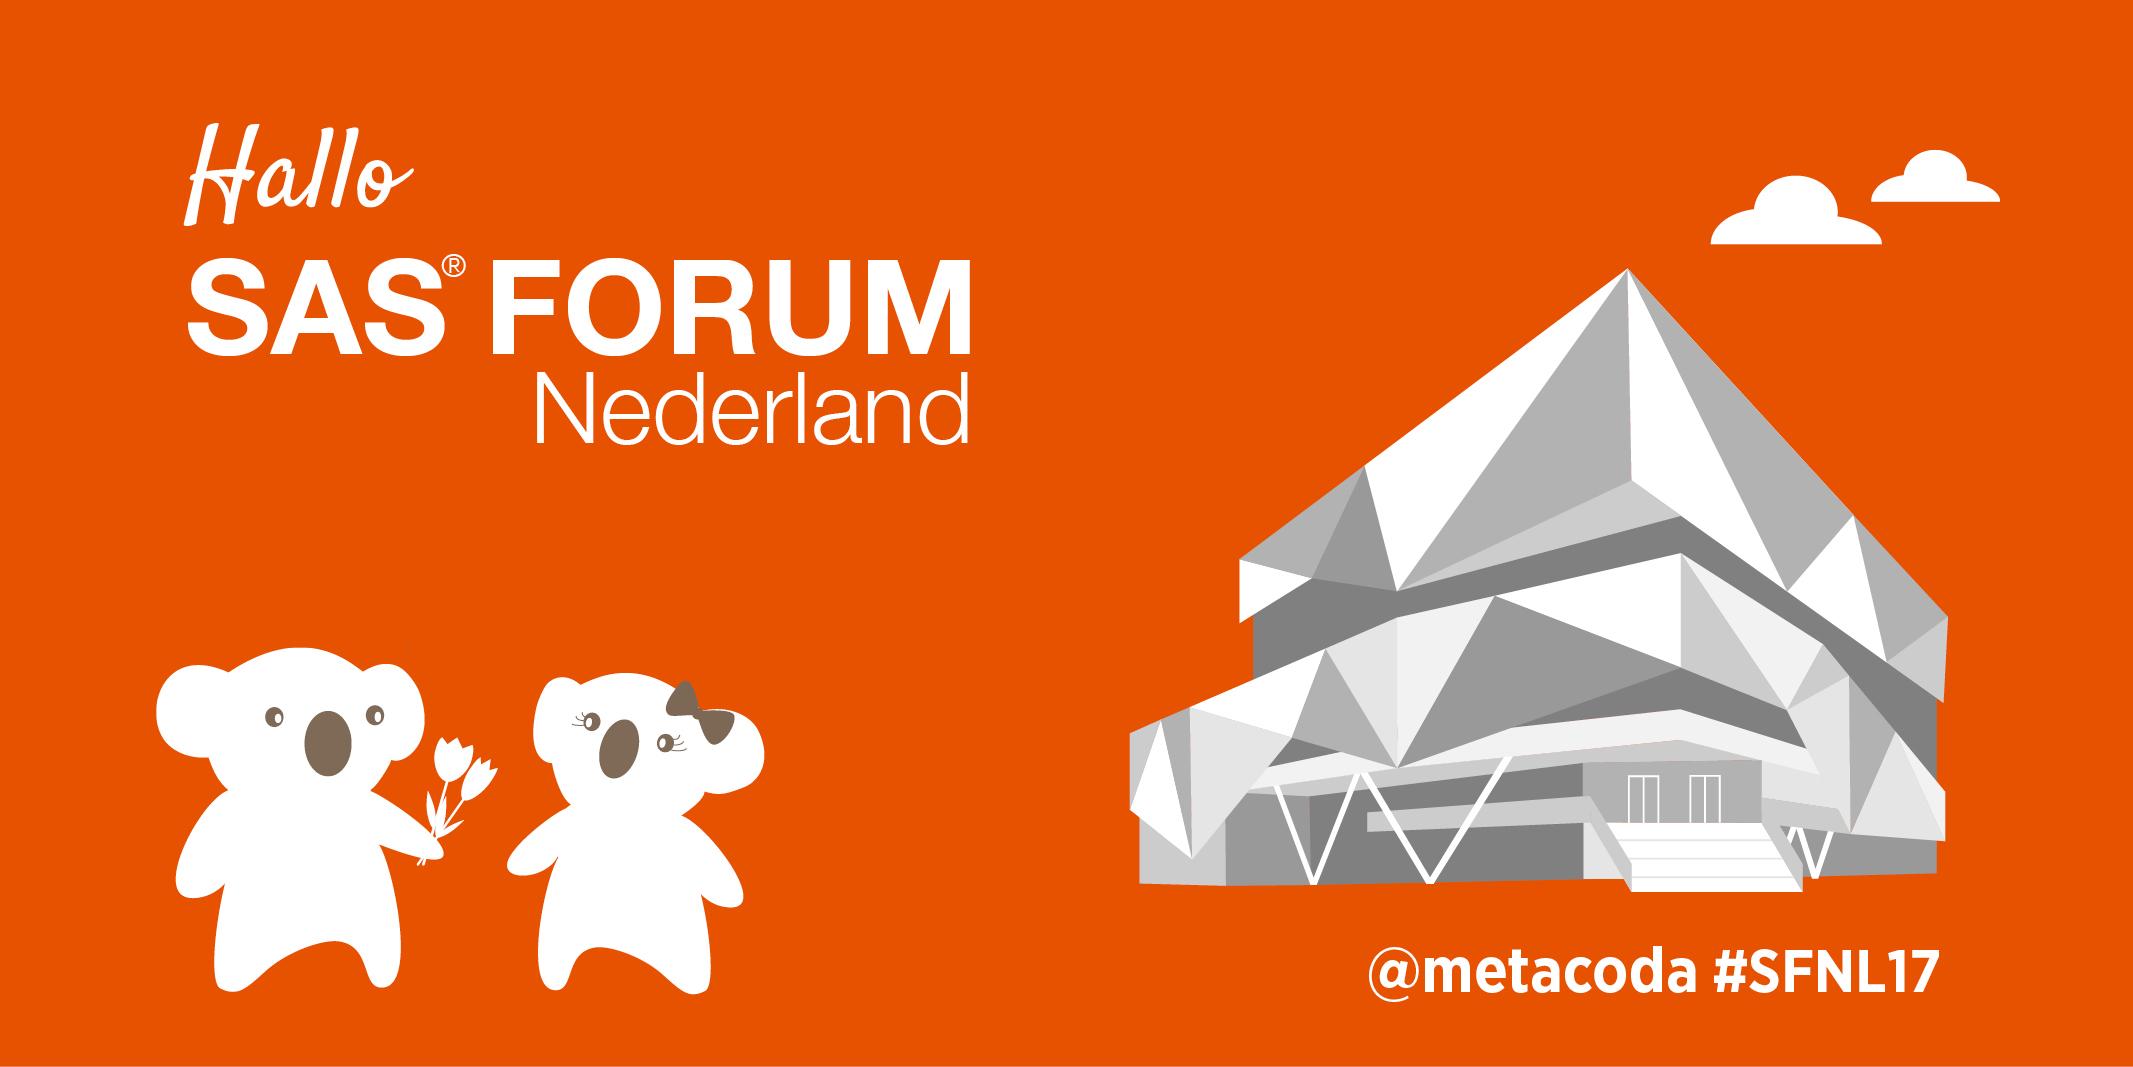 Metacoda SAS Forum Nederland 2017 Social Tile